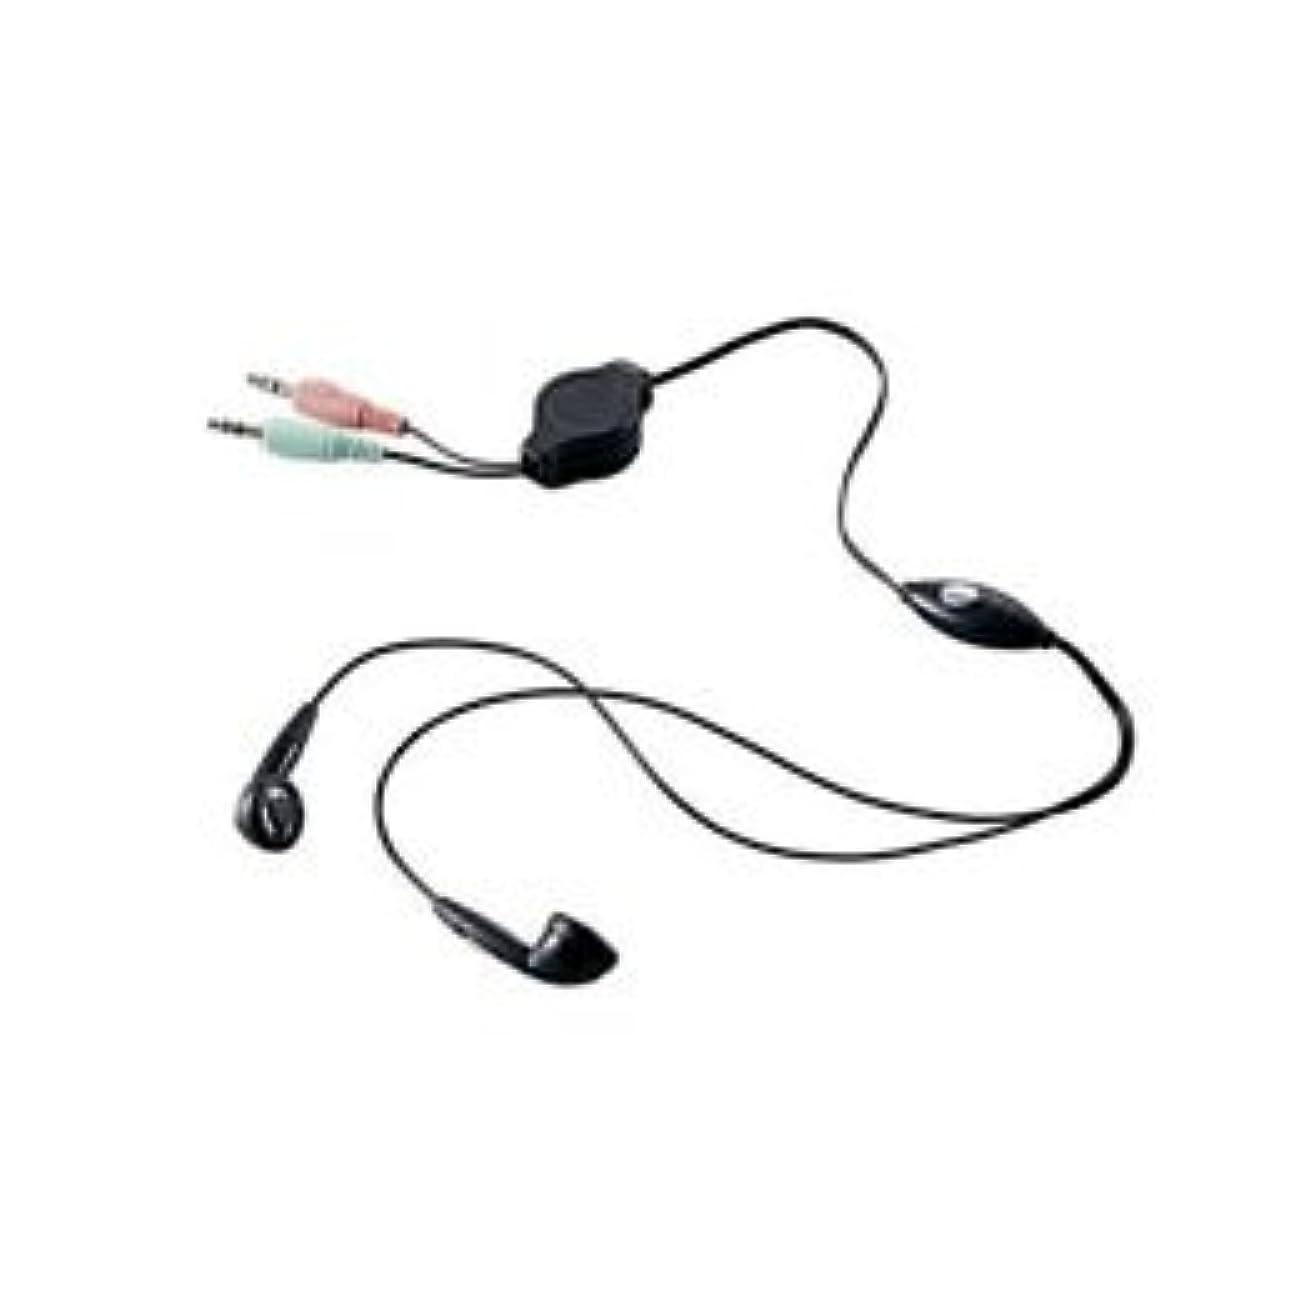 嘆願書き出す対抗【まとめ 2セット】 エレコム ヘッドセット(両耳インナーイヤータイプ) HS-EP14BK